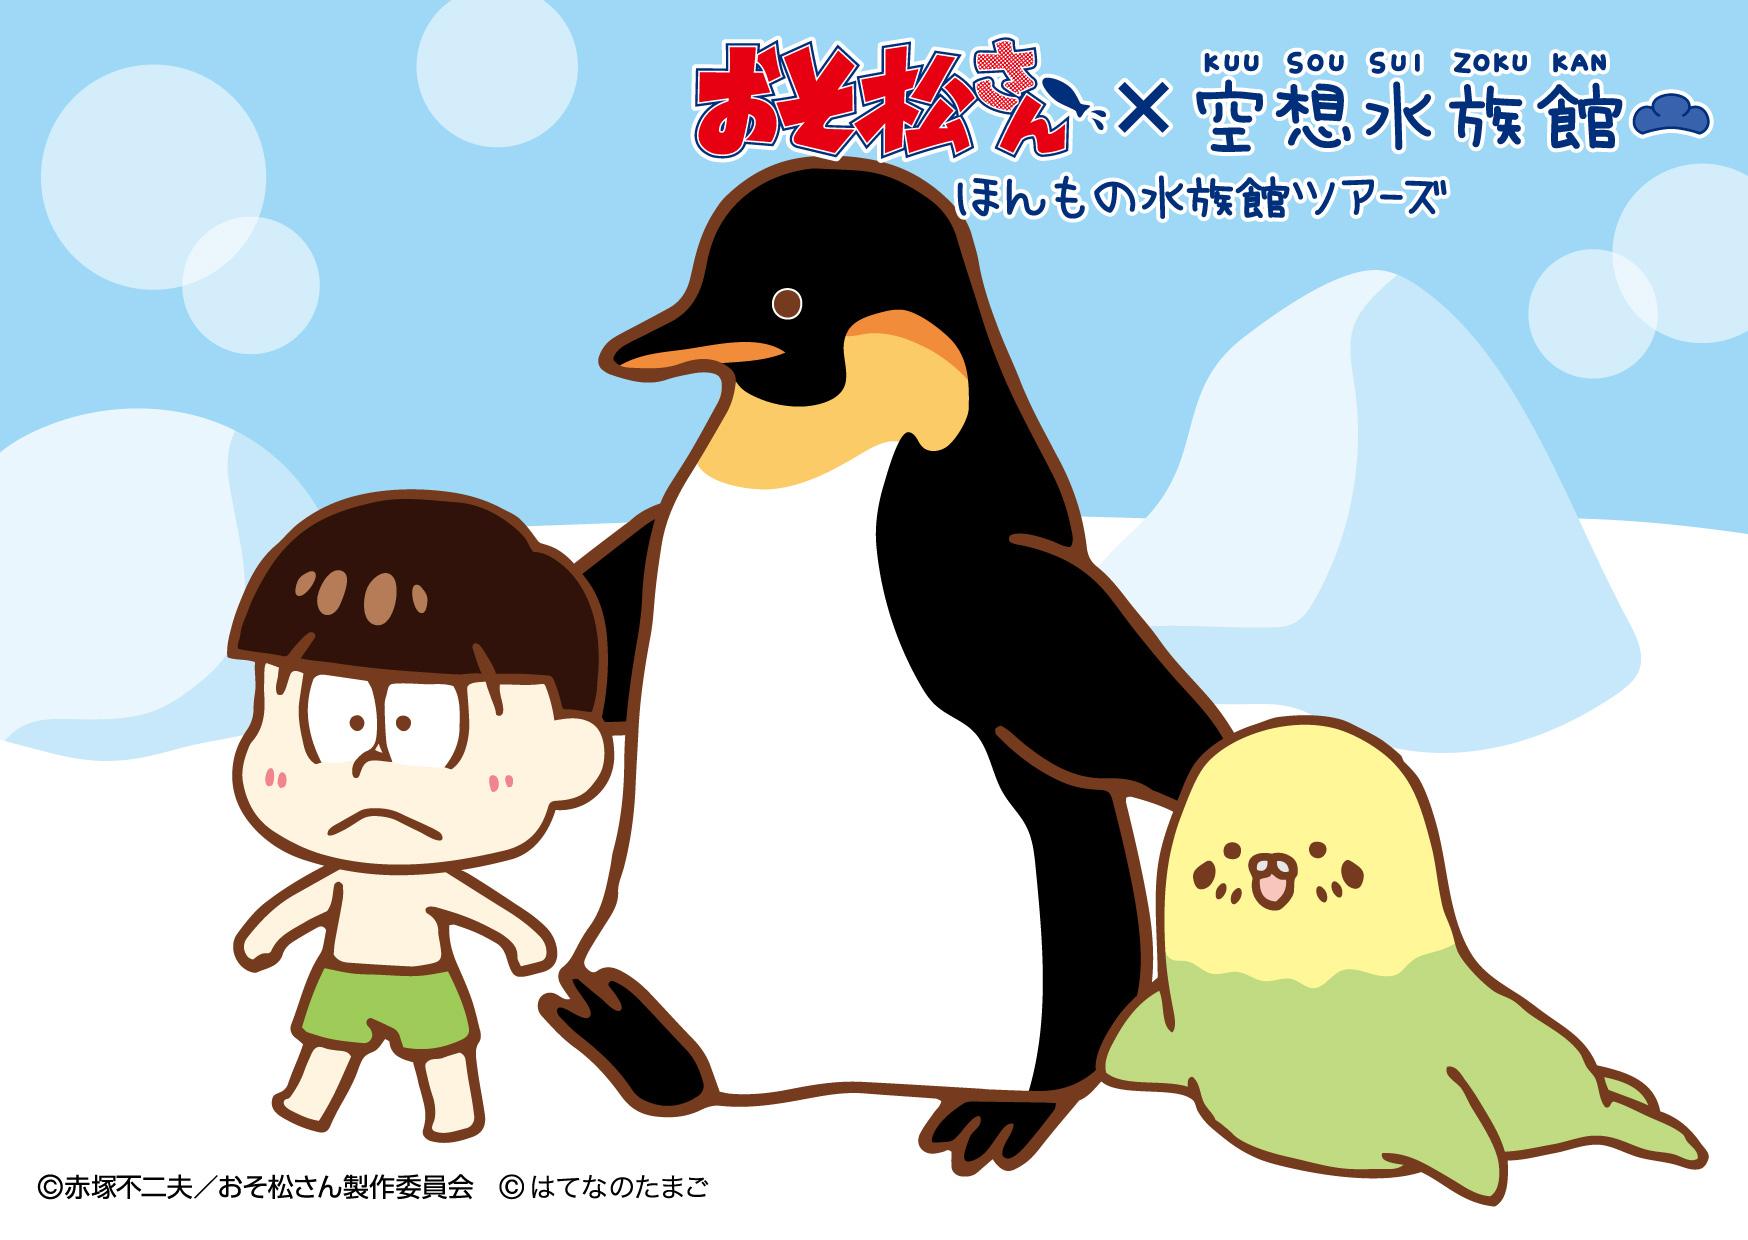 チョロ松×オットセインコ×ペンギン